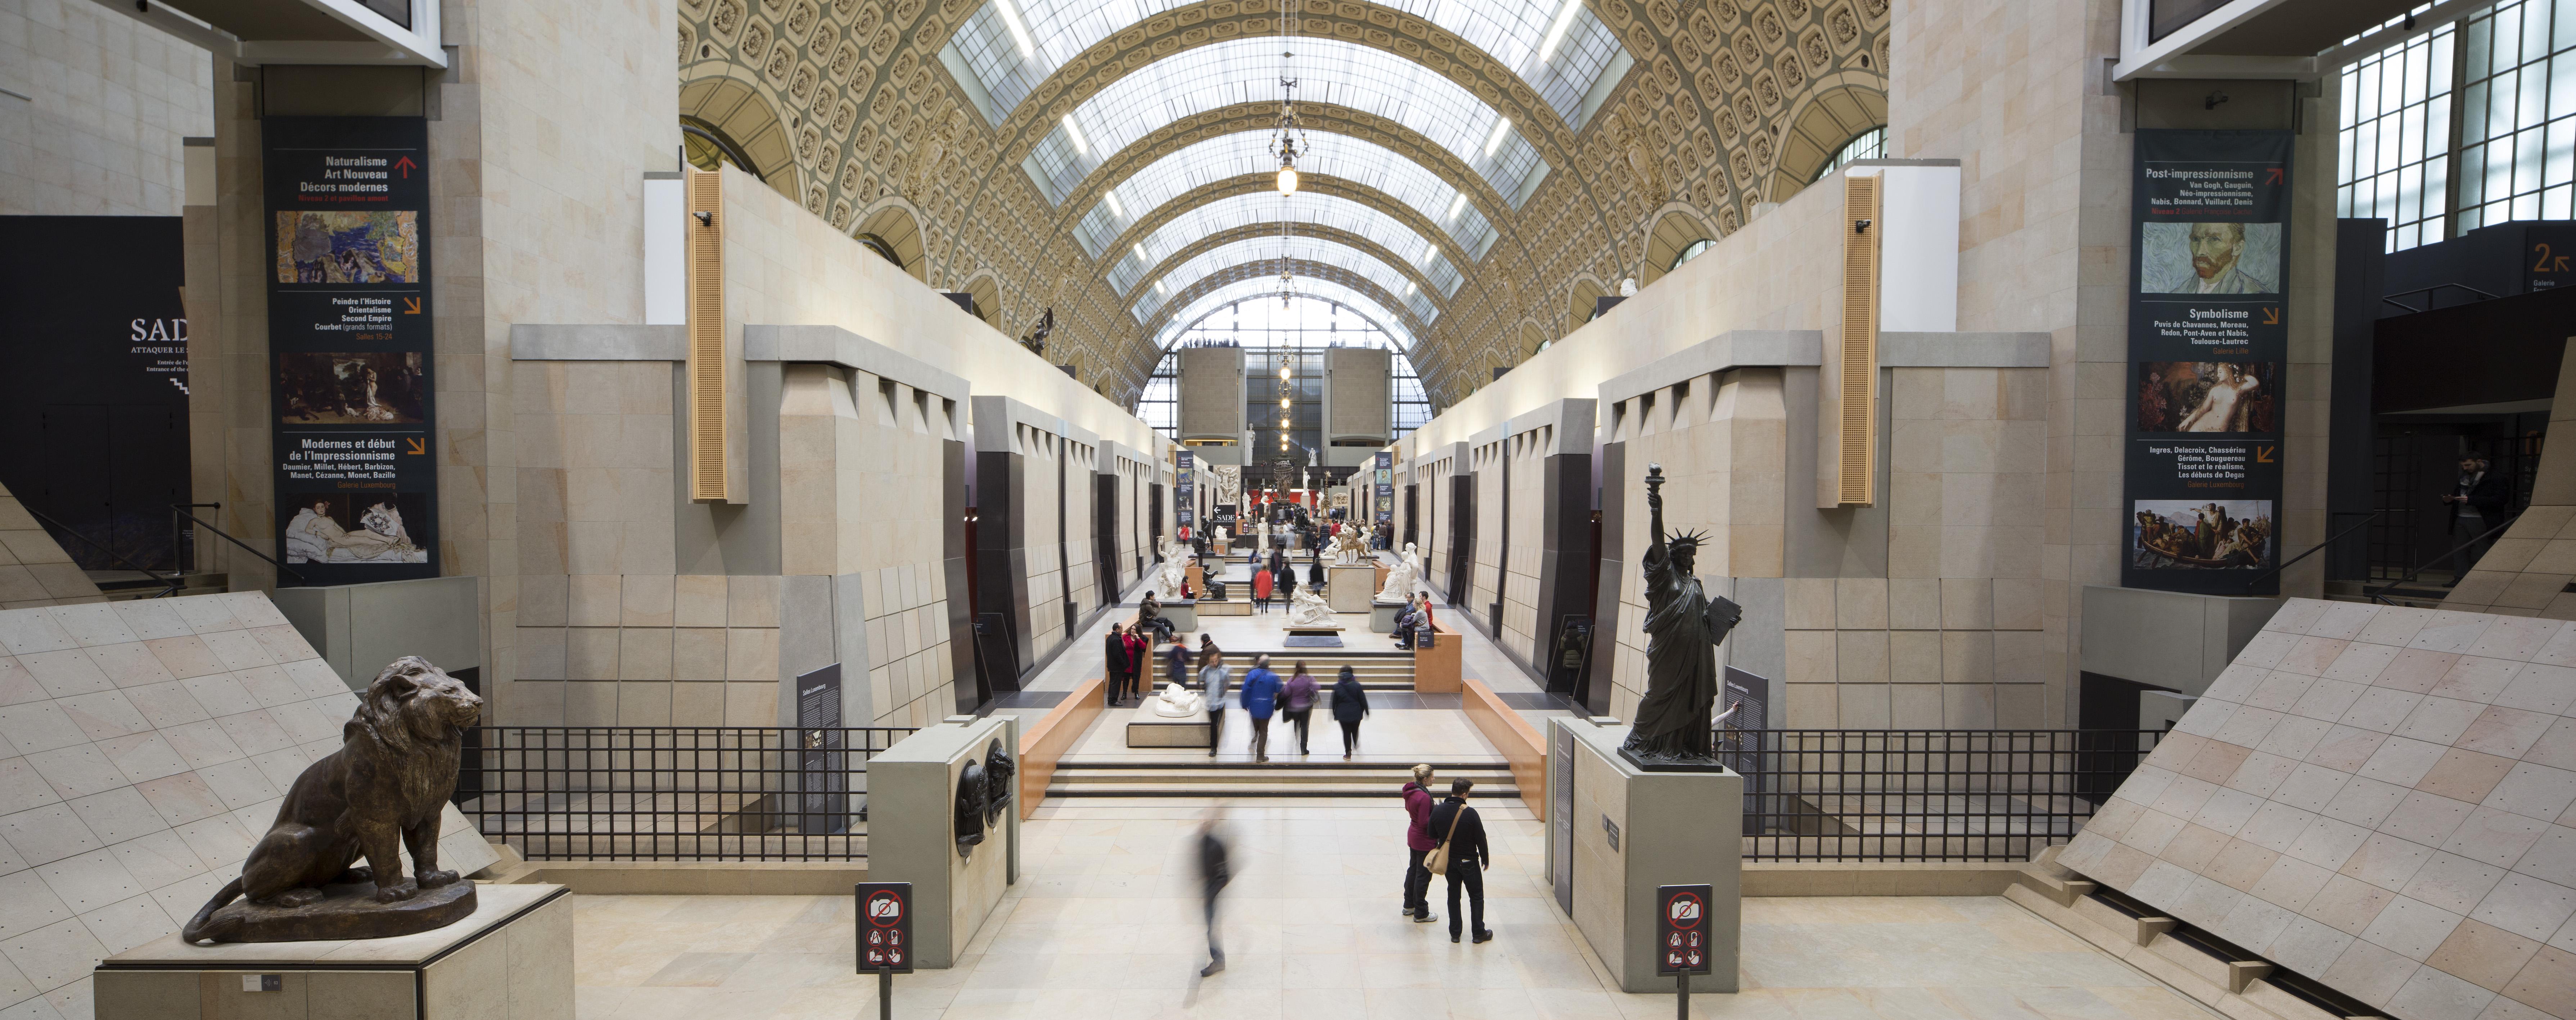 Panorama nef public original